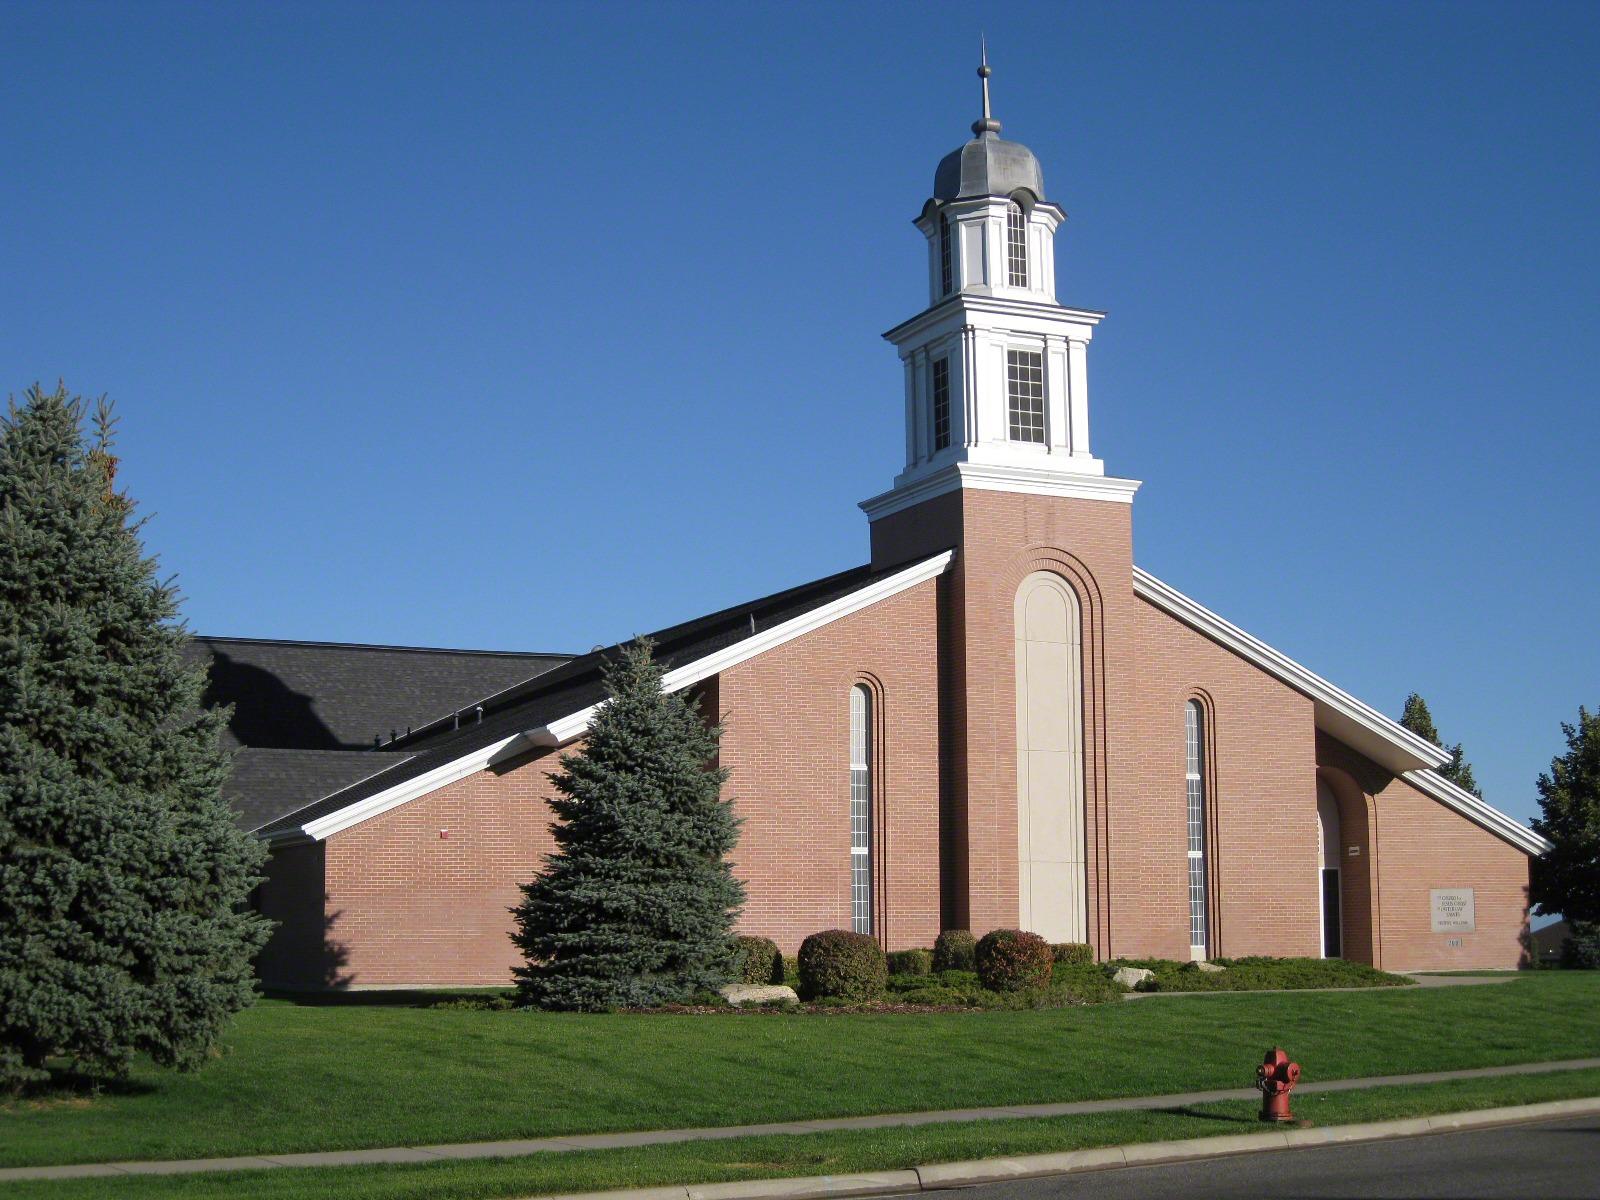 Chapel in North Salt Lake, Utah